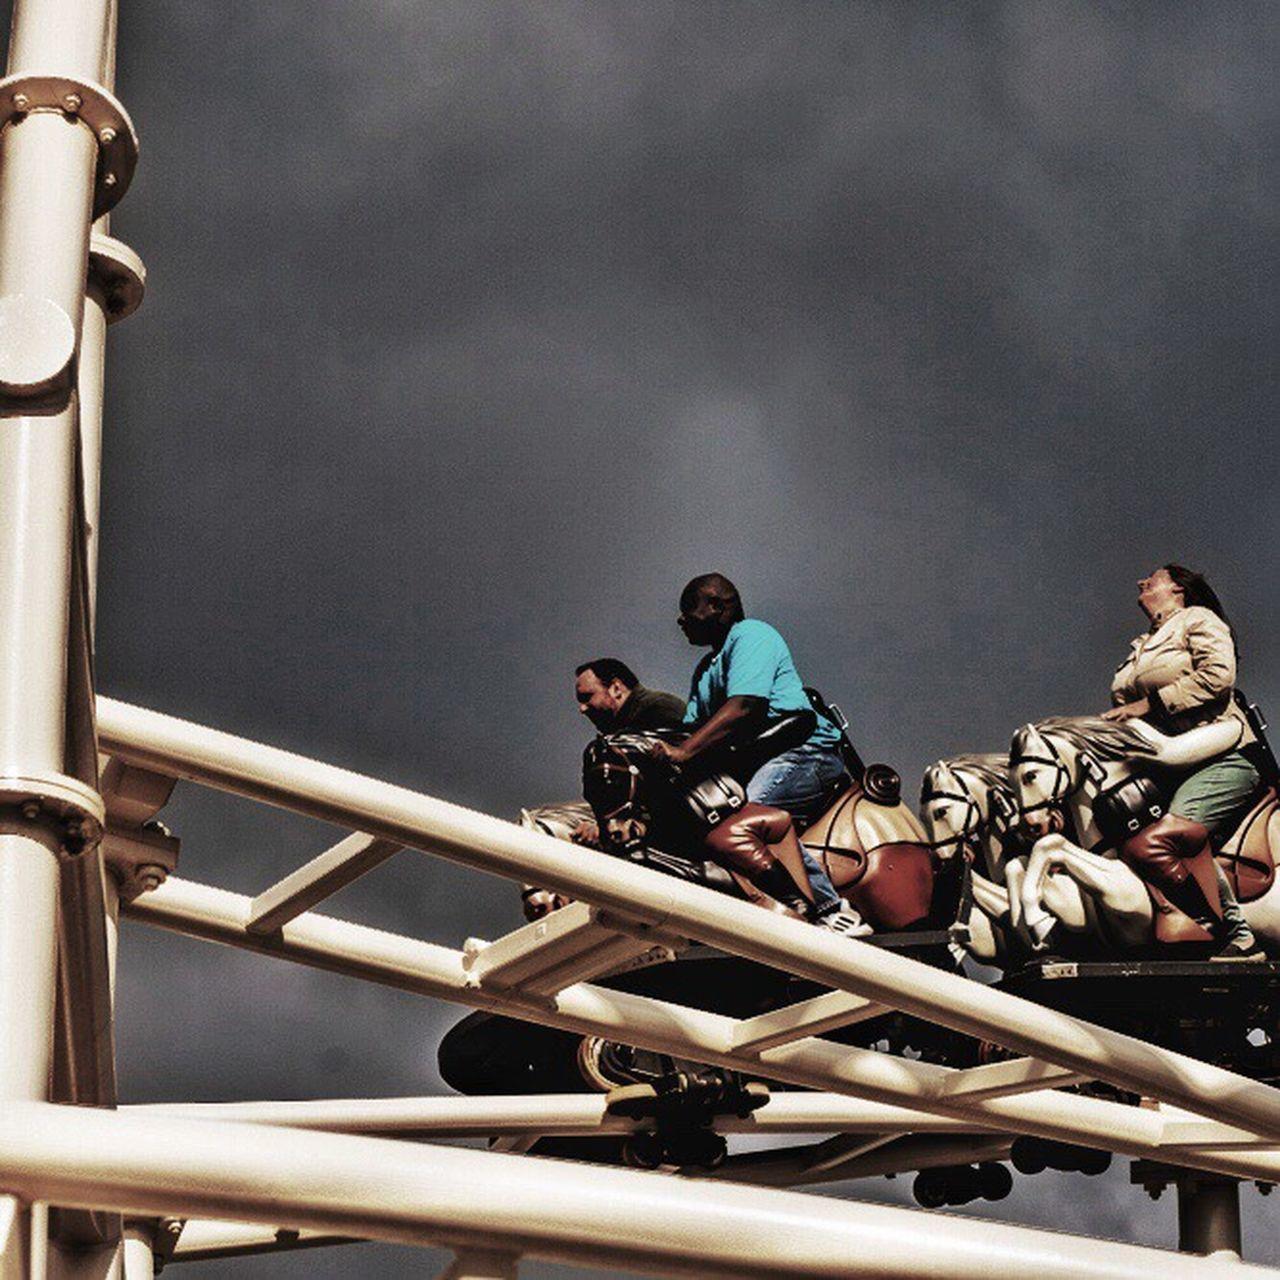 Steeplechase Coney Island Ecstasy Ride Me High Joy Thrill Darkclouds Spring @lunapark Bhportdev @bheventspace